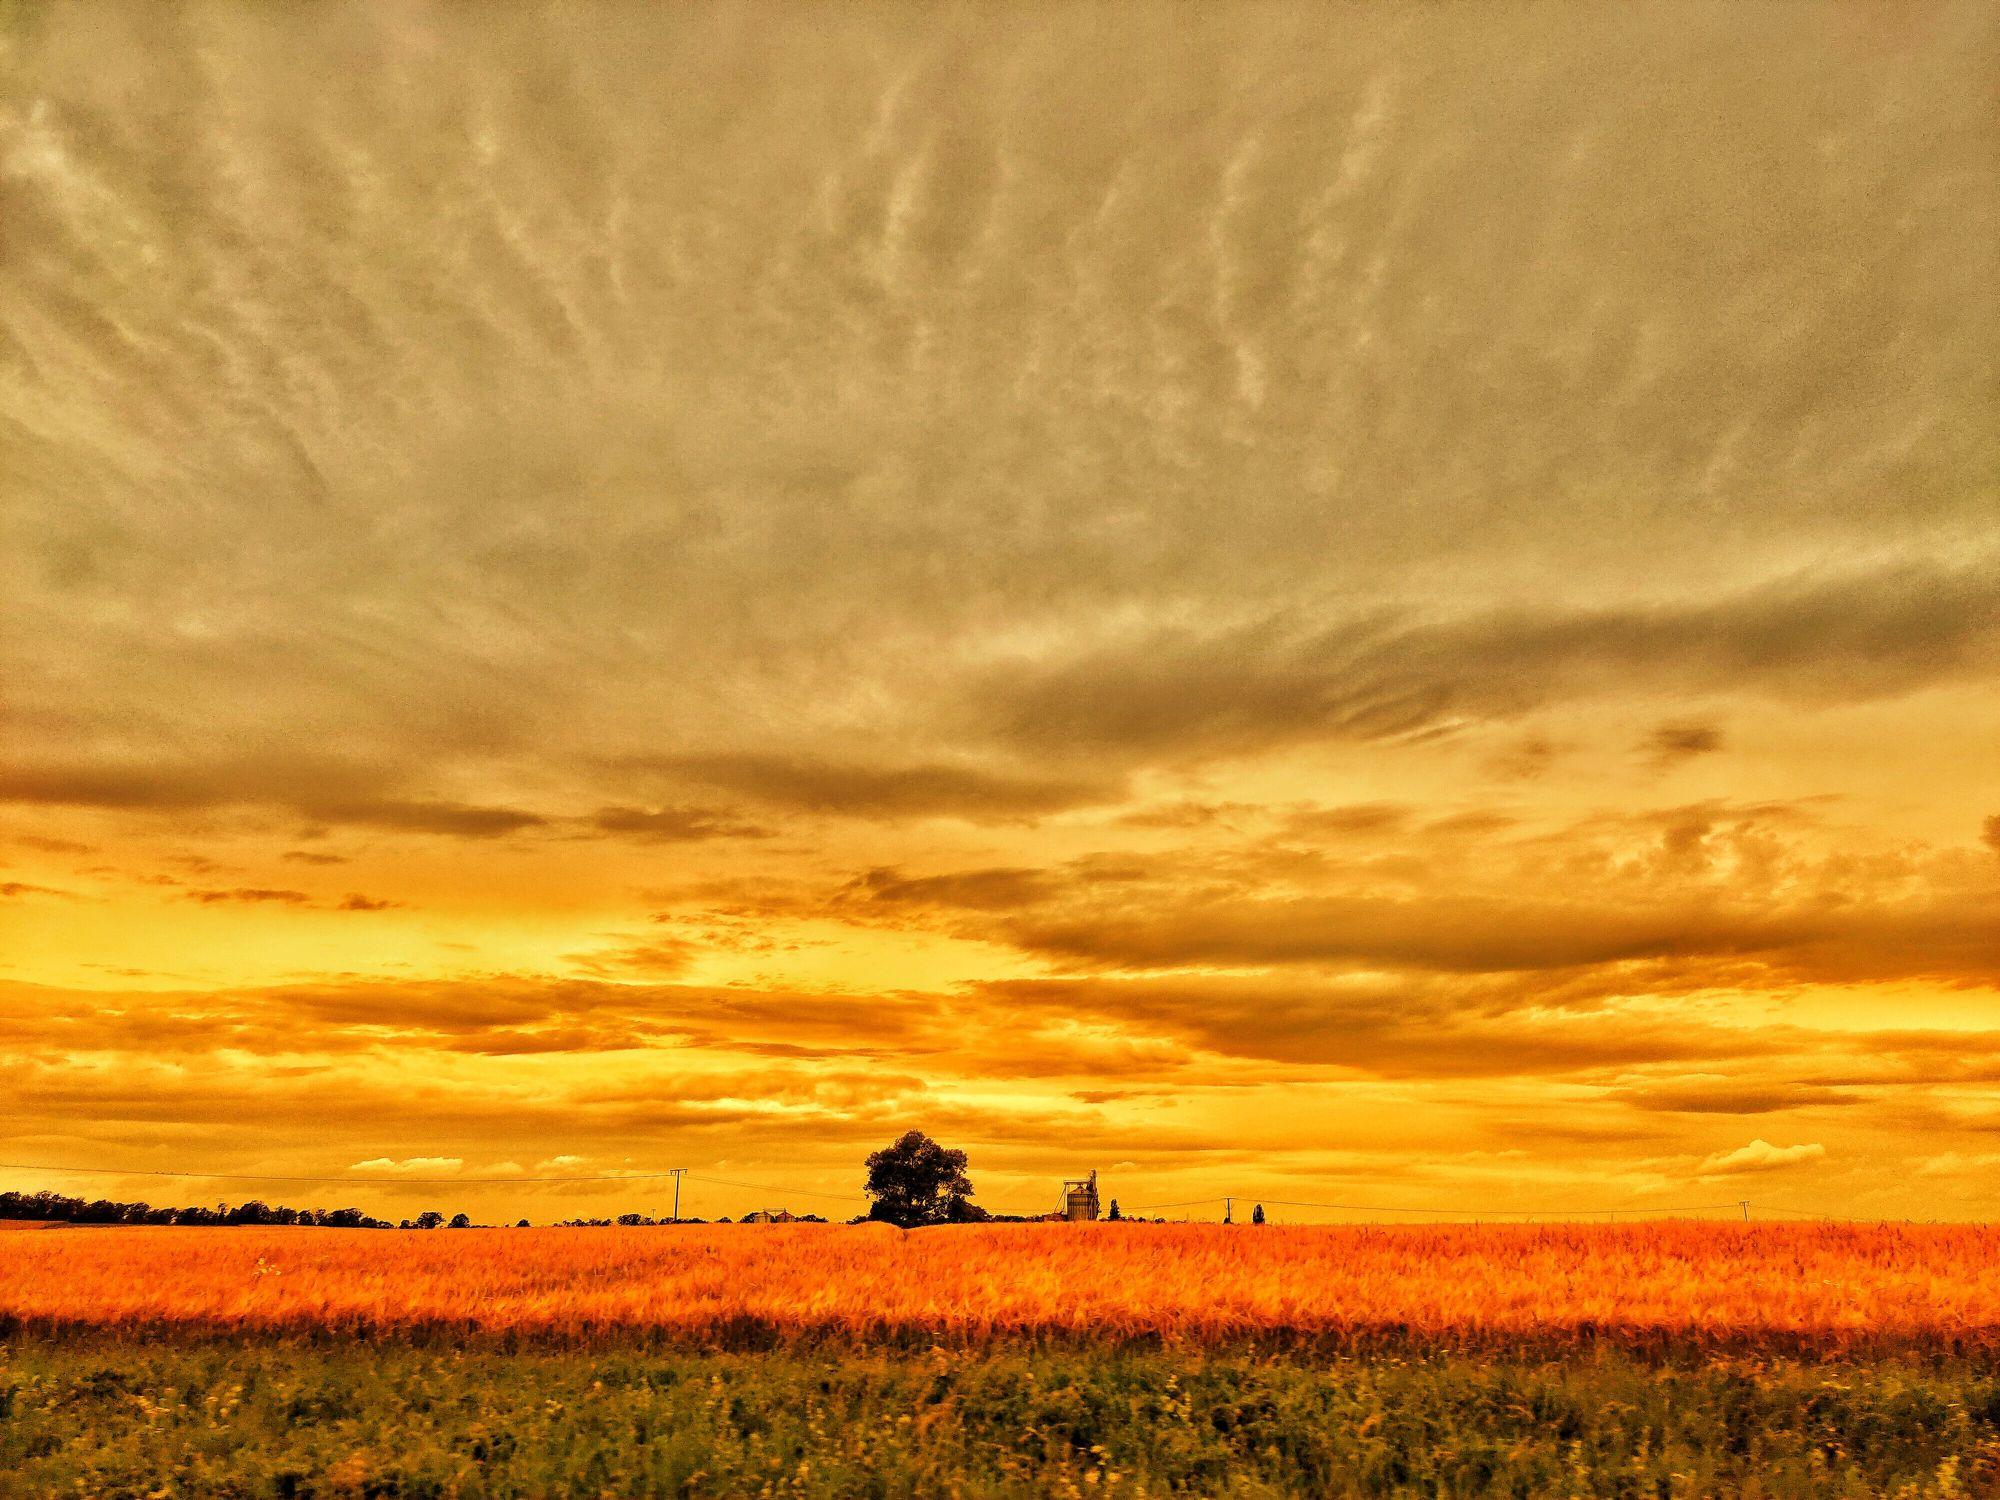 Bild mit Orange, Gelb, Wasser, Himmel, Weiden und Wiesen, Feuer, Baum, Landschaft, Wiese, Wiese, Feld, landscape, Erde, Luft, weizenfeld